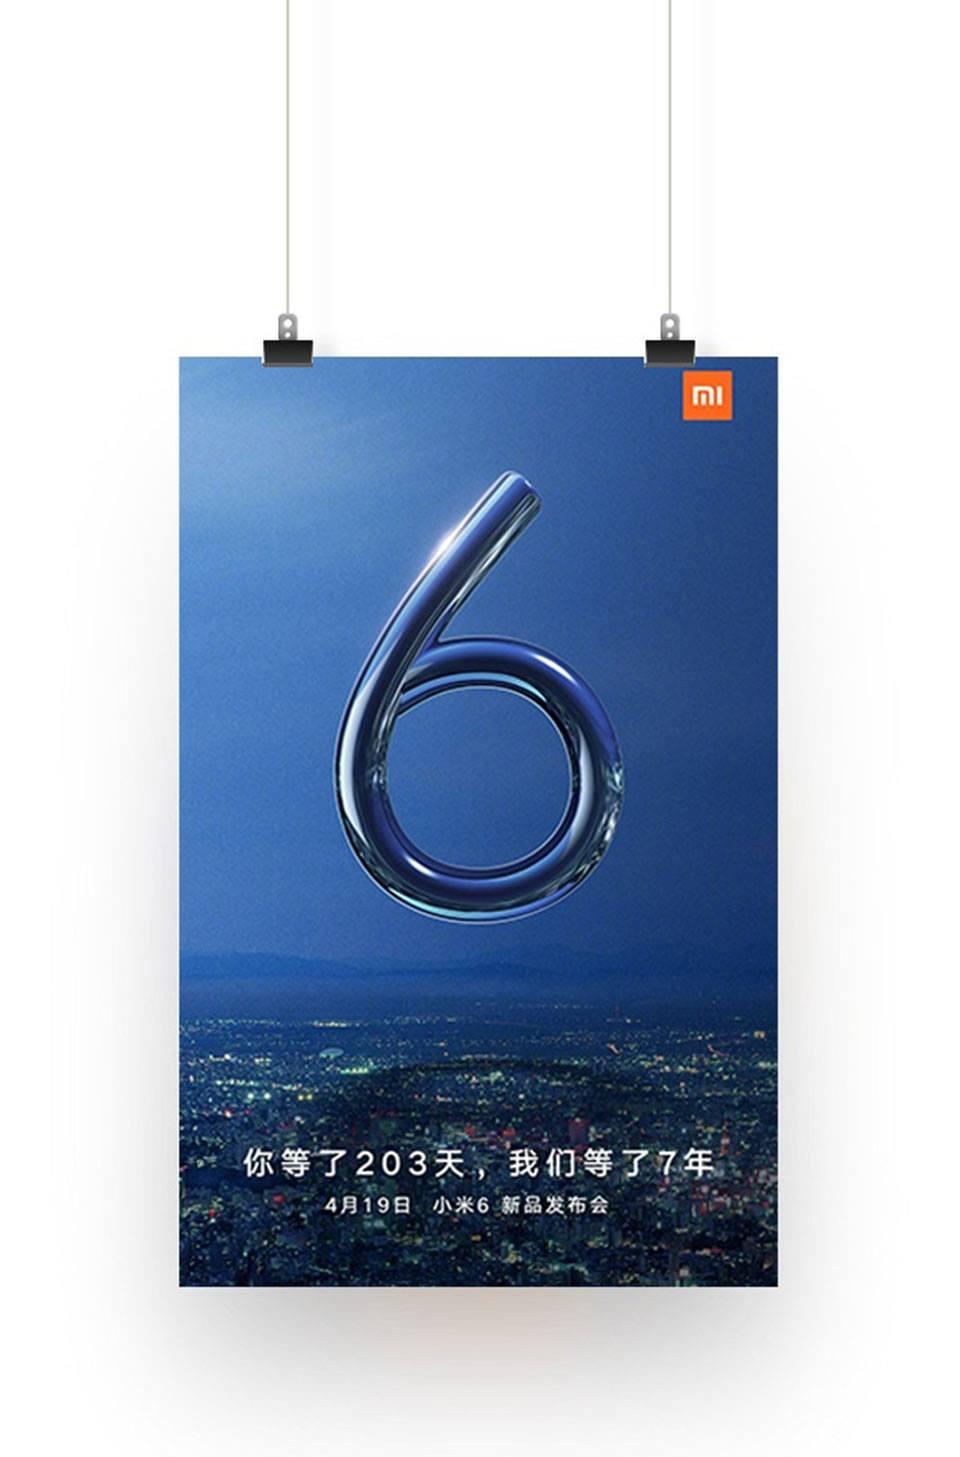 8 év – 7 kép (2011-2018). A Xiaomi sztori a reklámkampányokon át (2)